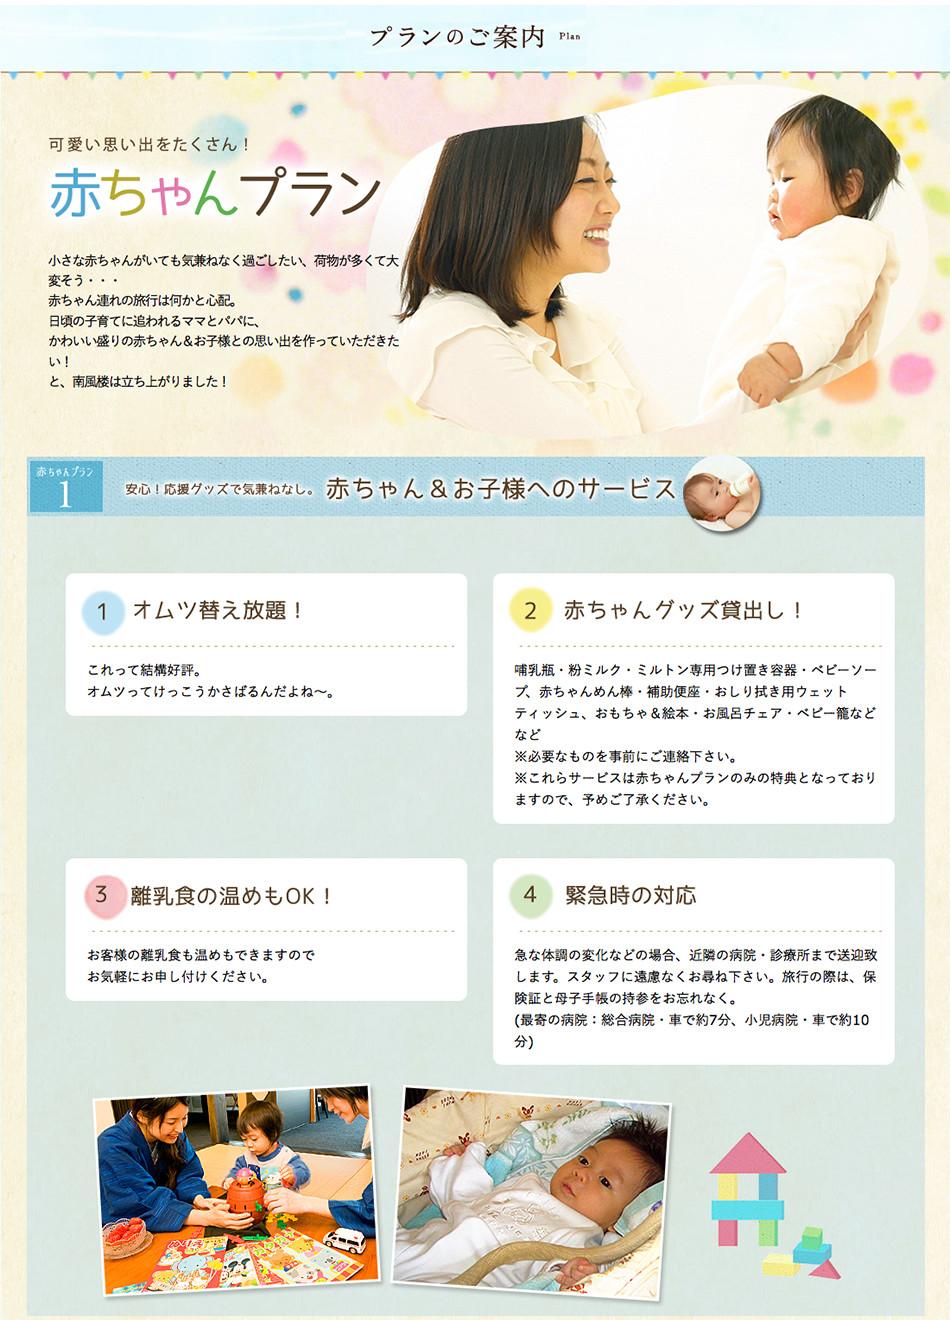 赤ちゃん&お子様へのサービス